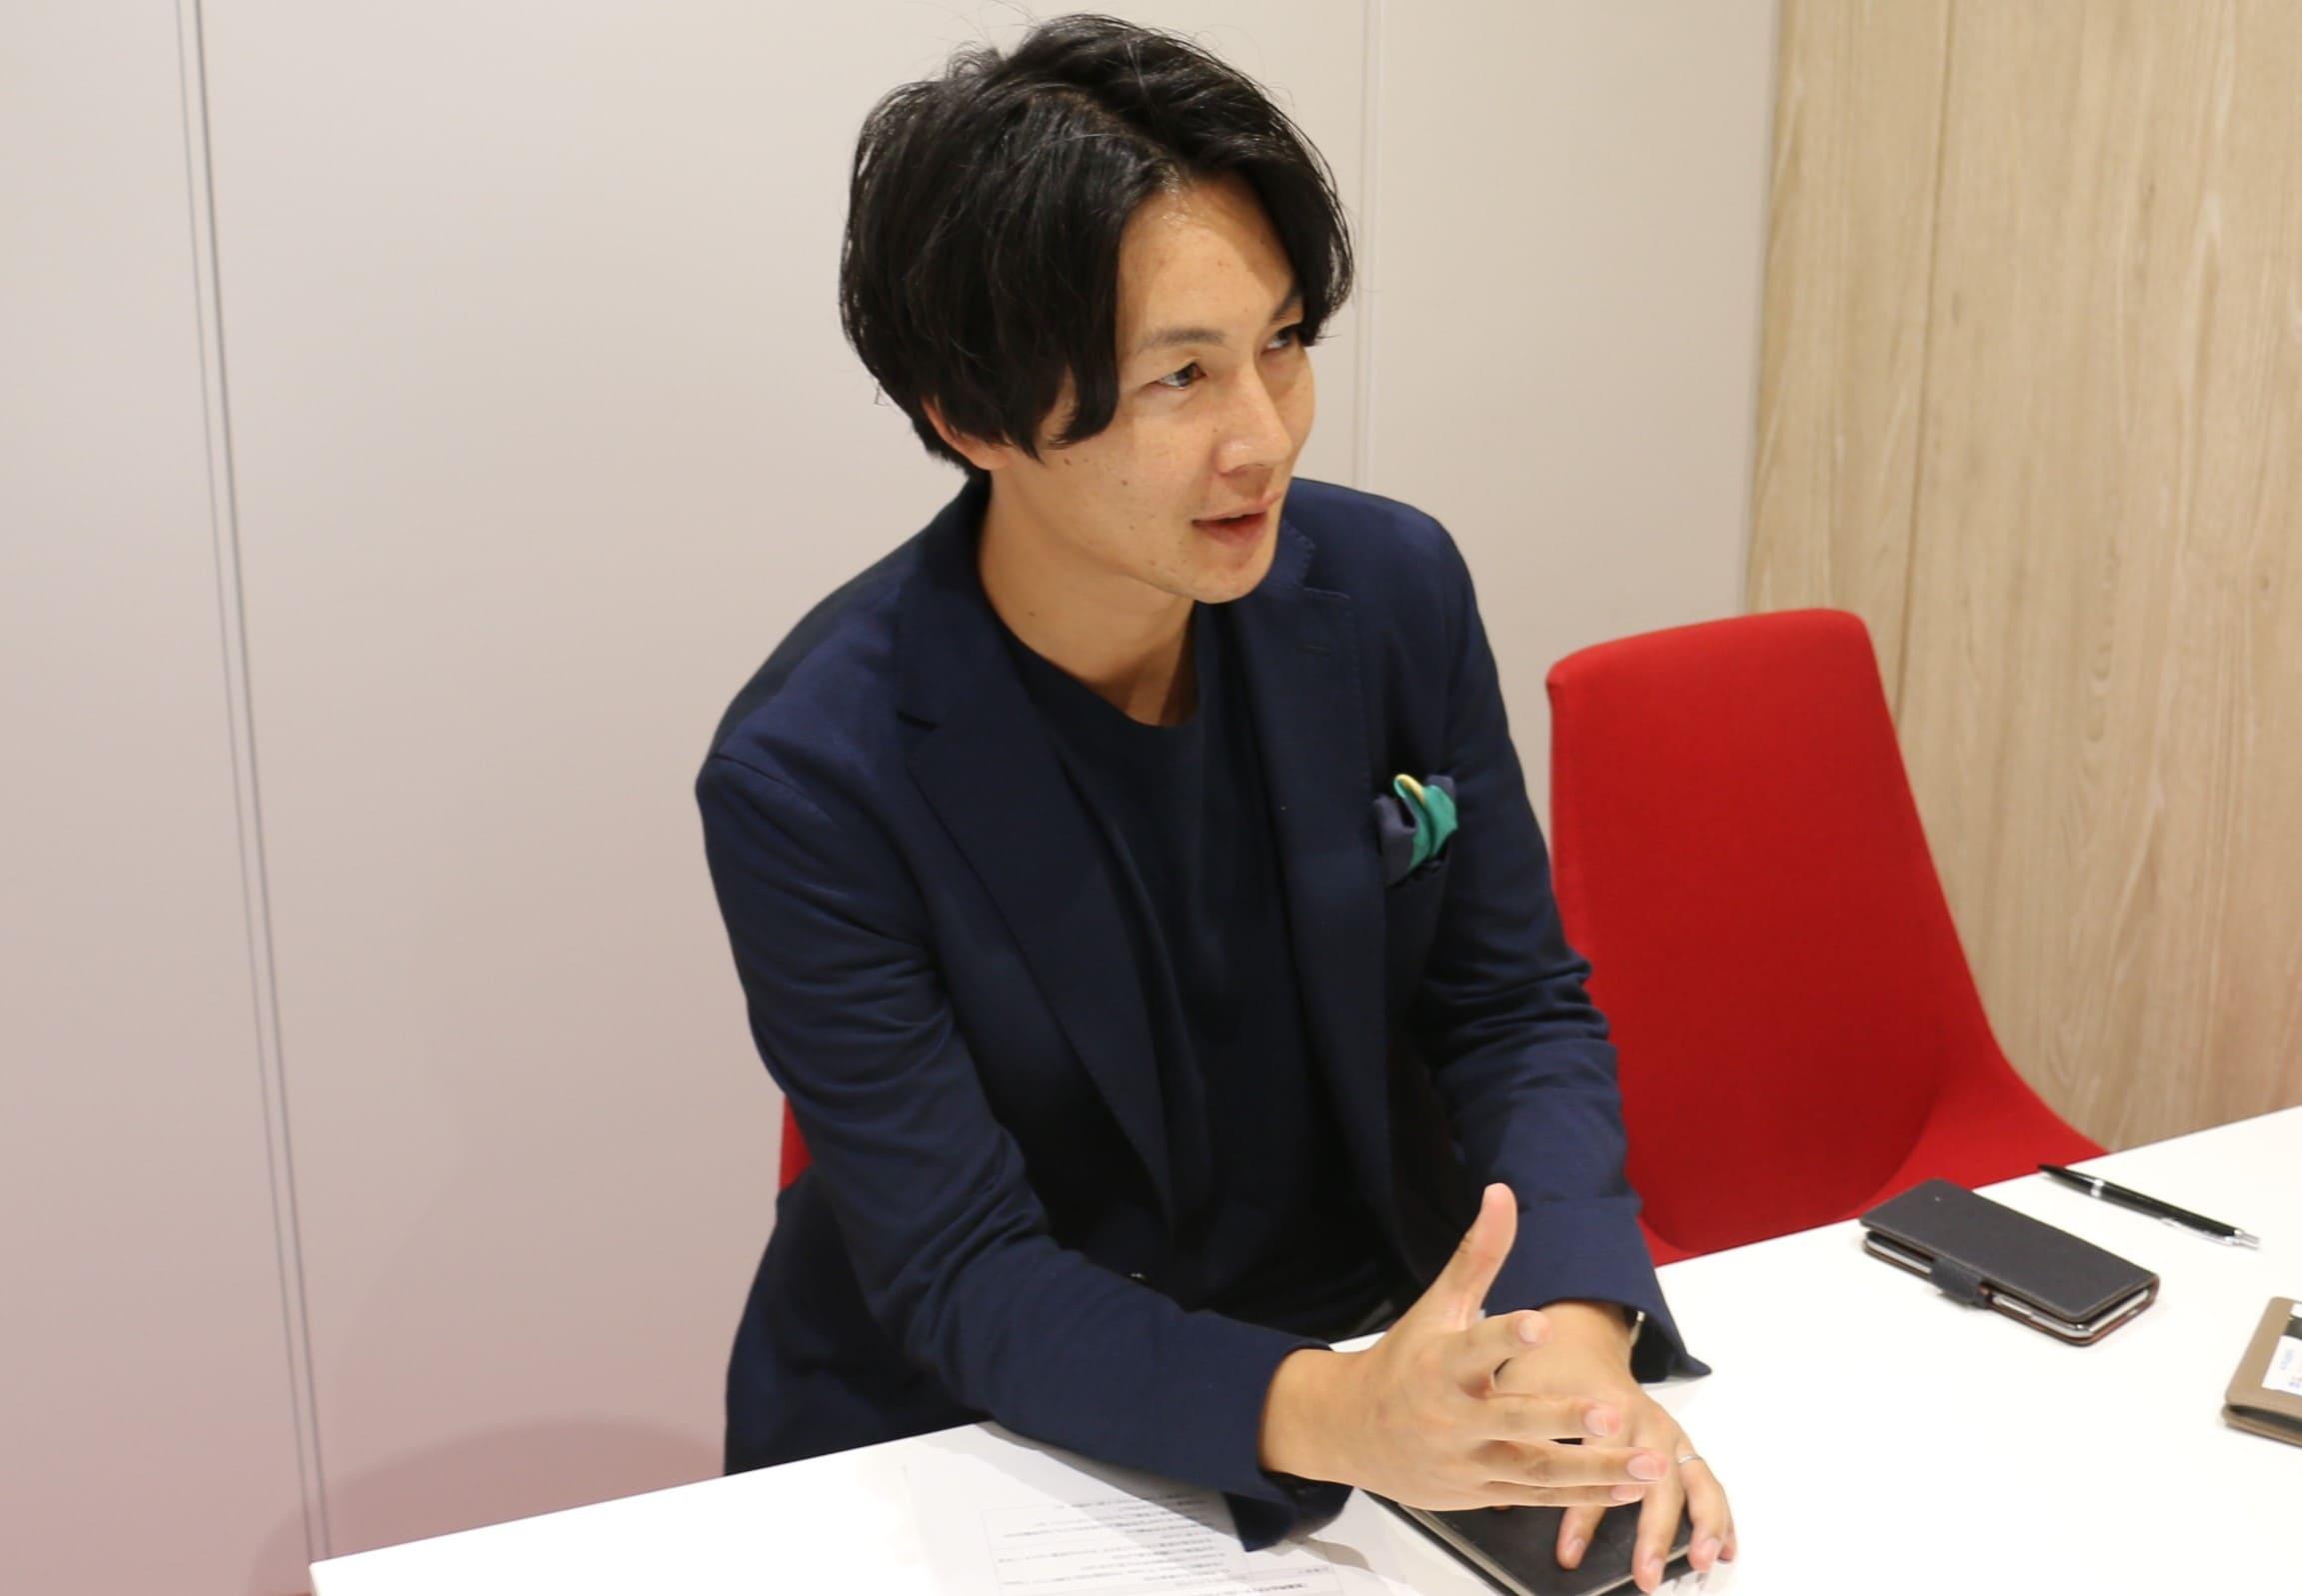 インタビュー中の今井さんの写真2